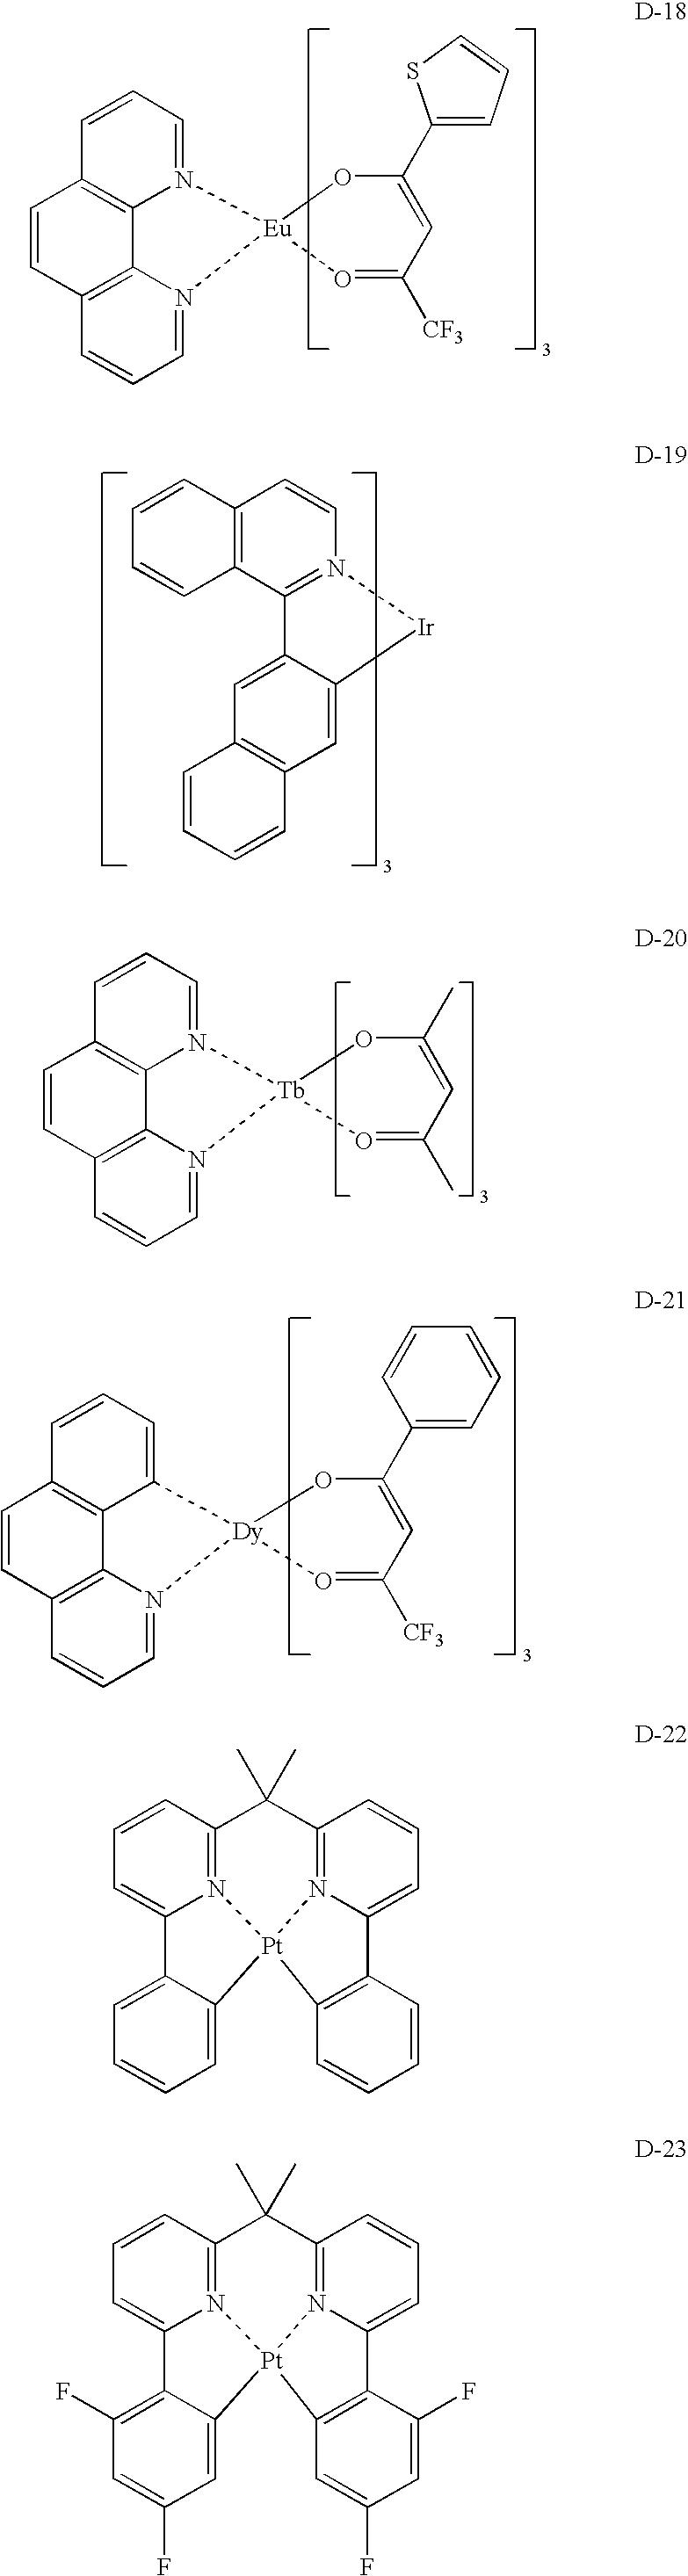 Figure US20100225229A1-20100909-C00004